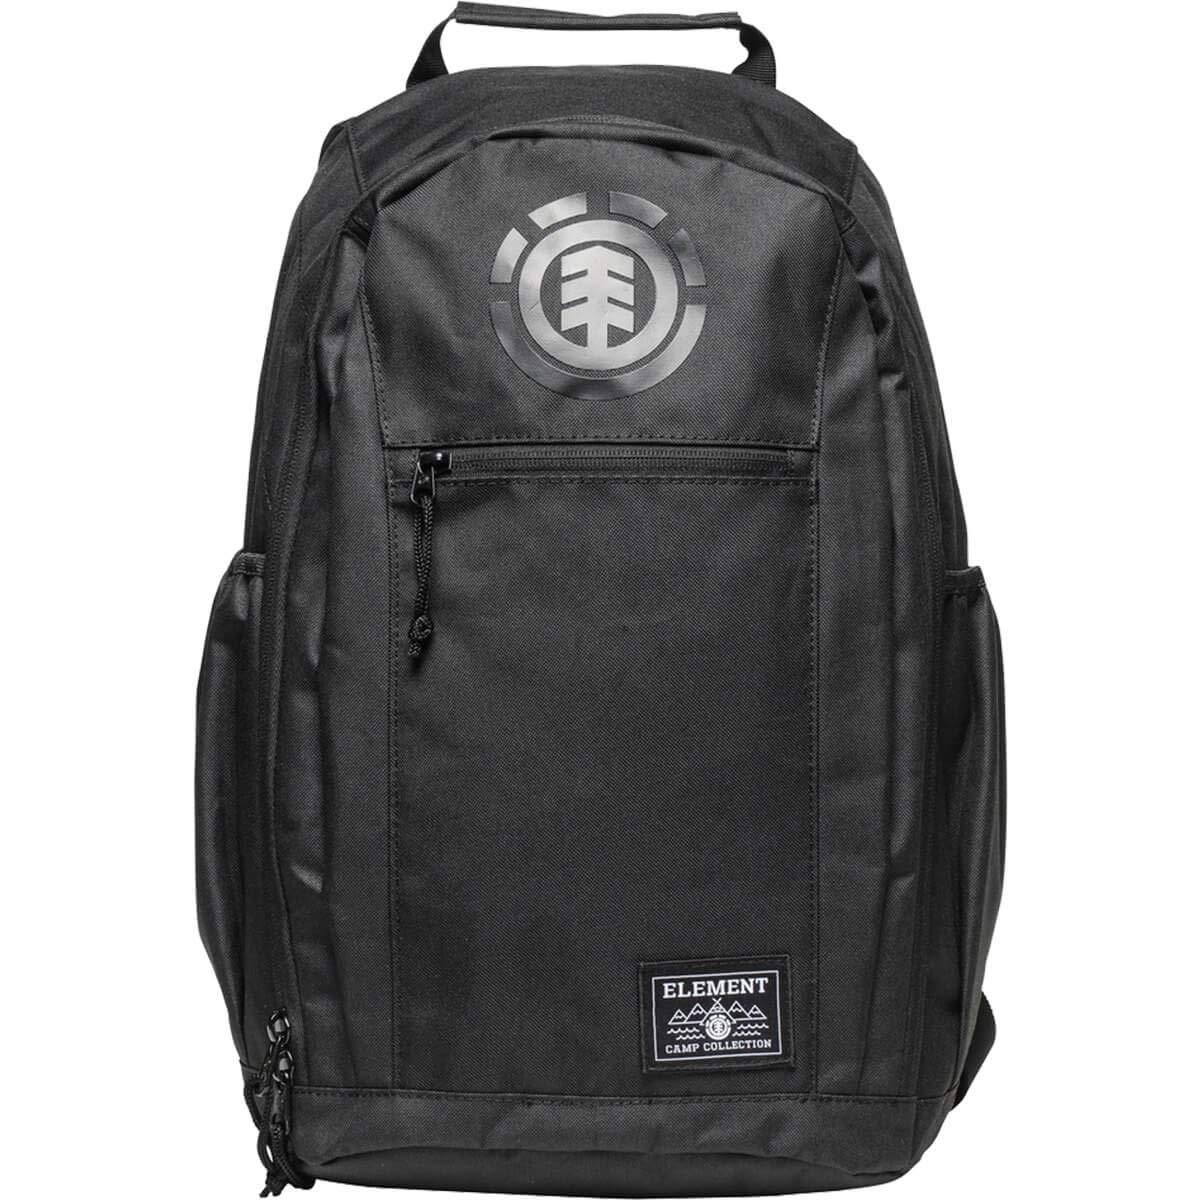 One Size Fits All Element Skateboards Sparker All Black Backpack